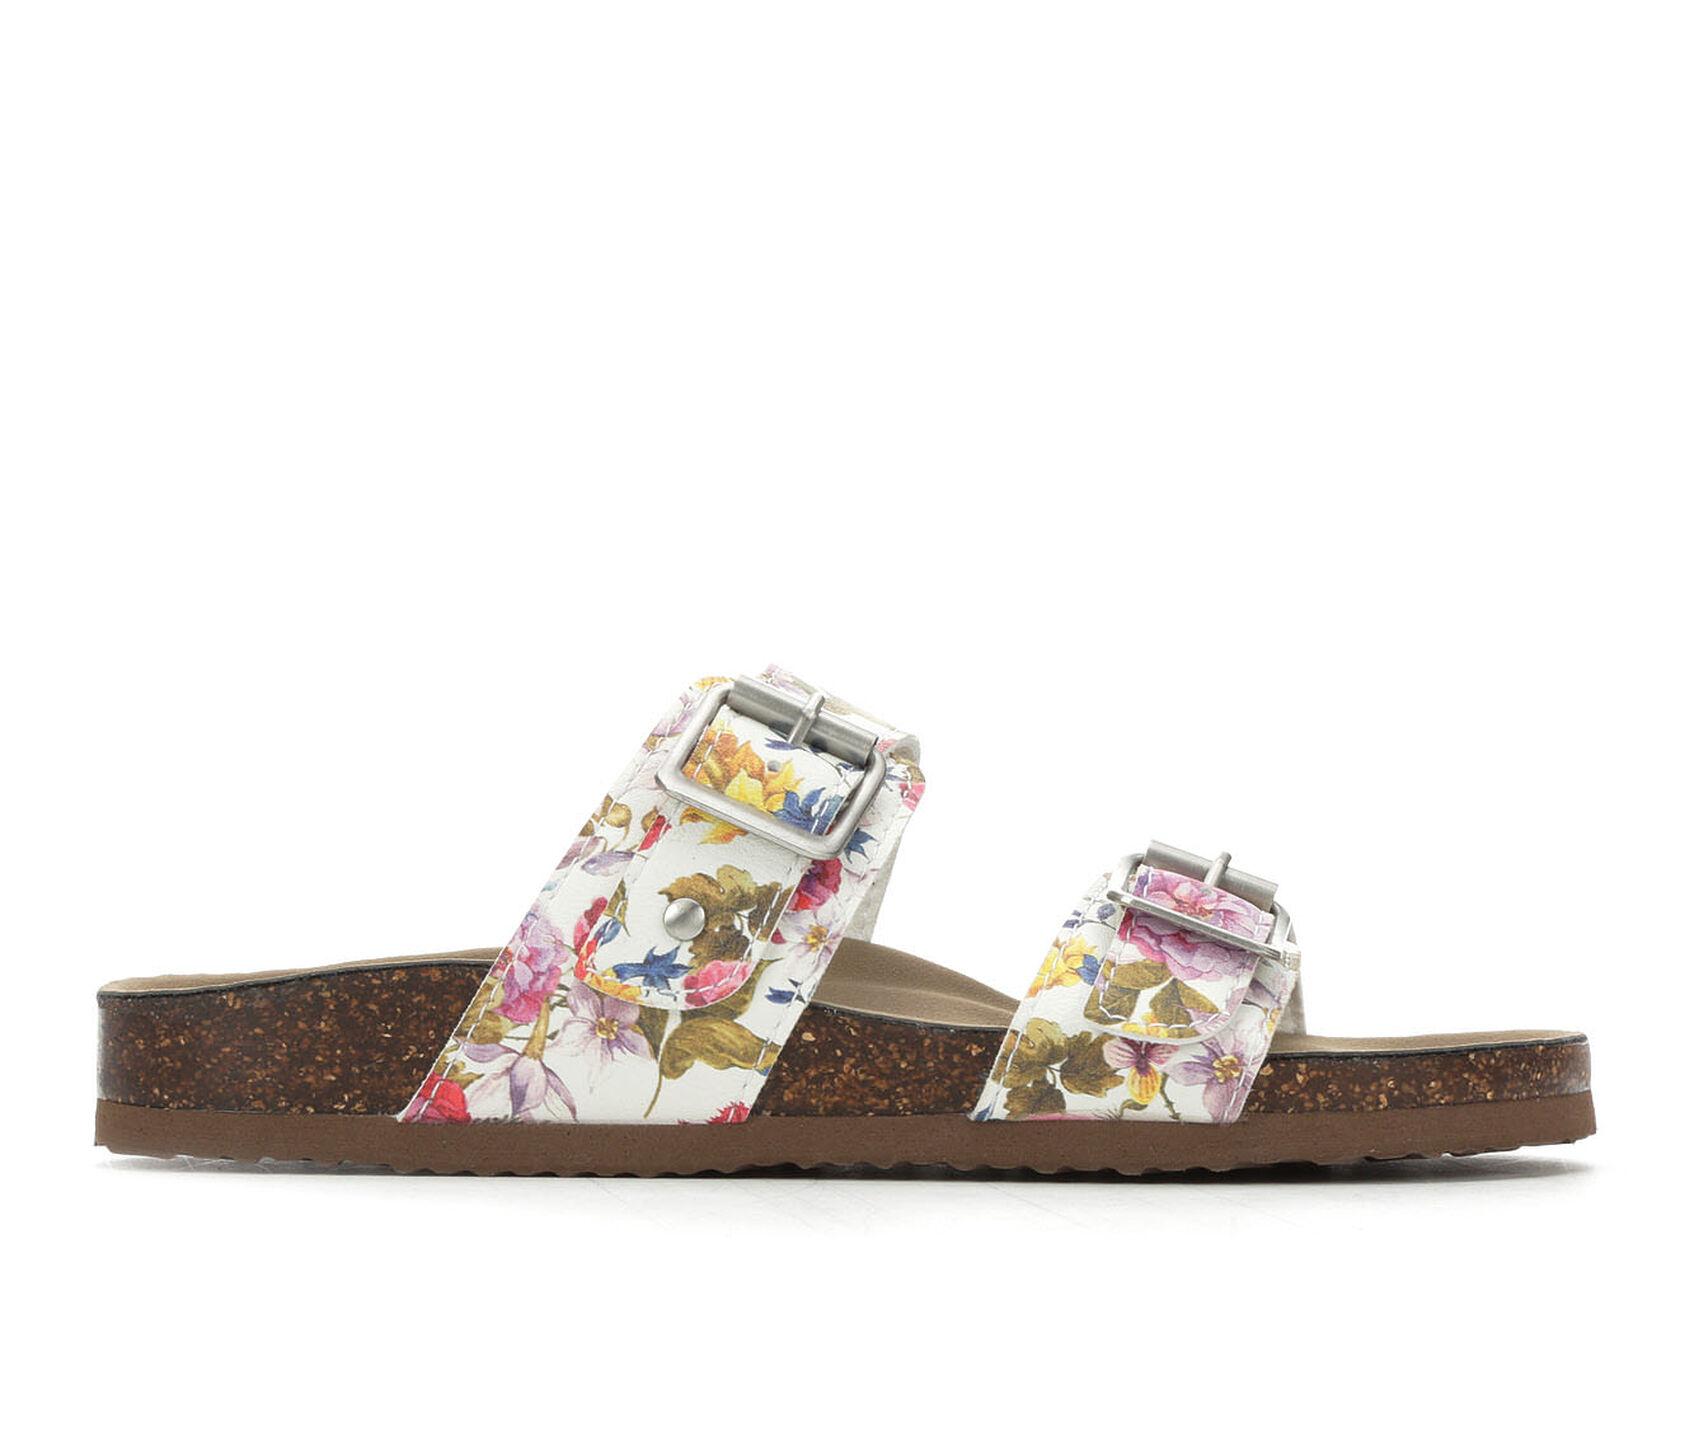 e652db1a44ec ... Madden Girl Brando Footbed Sandals. Previous